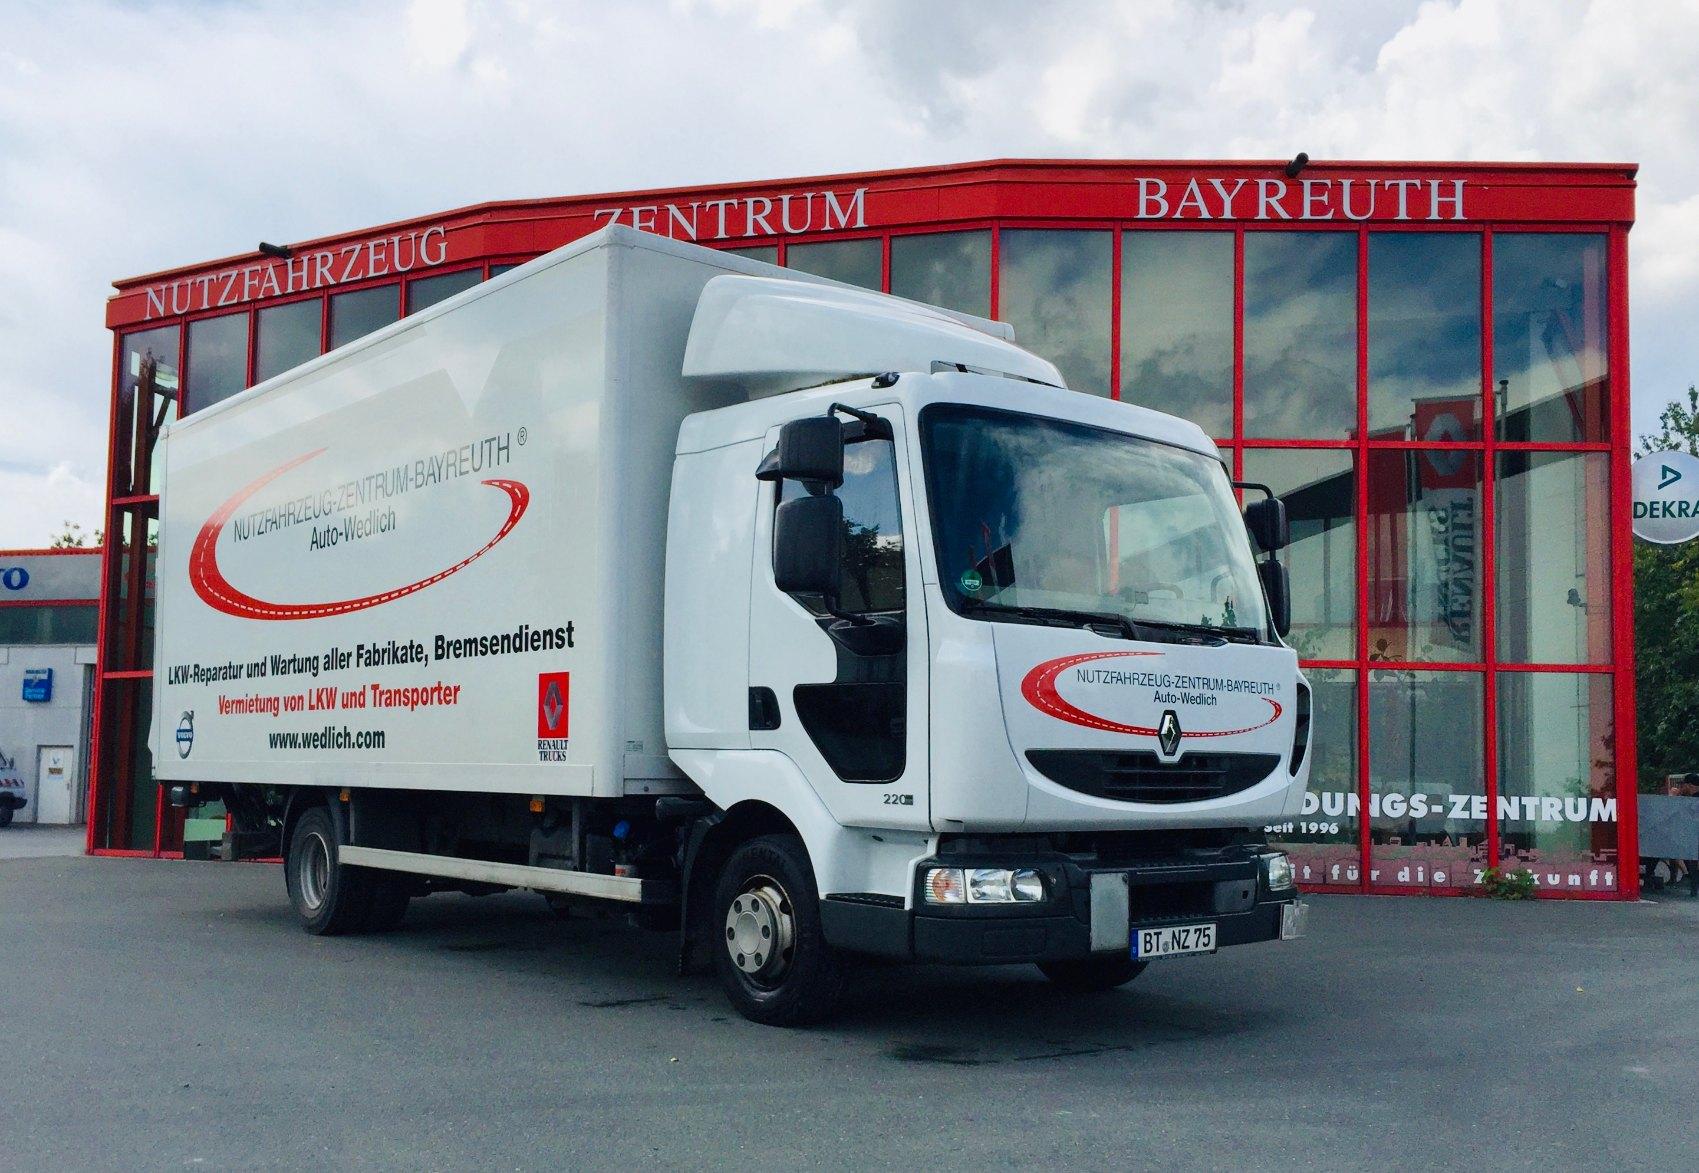 LKW mieten beim Nutzfahrzeug-Zentrum-Bayreuth